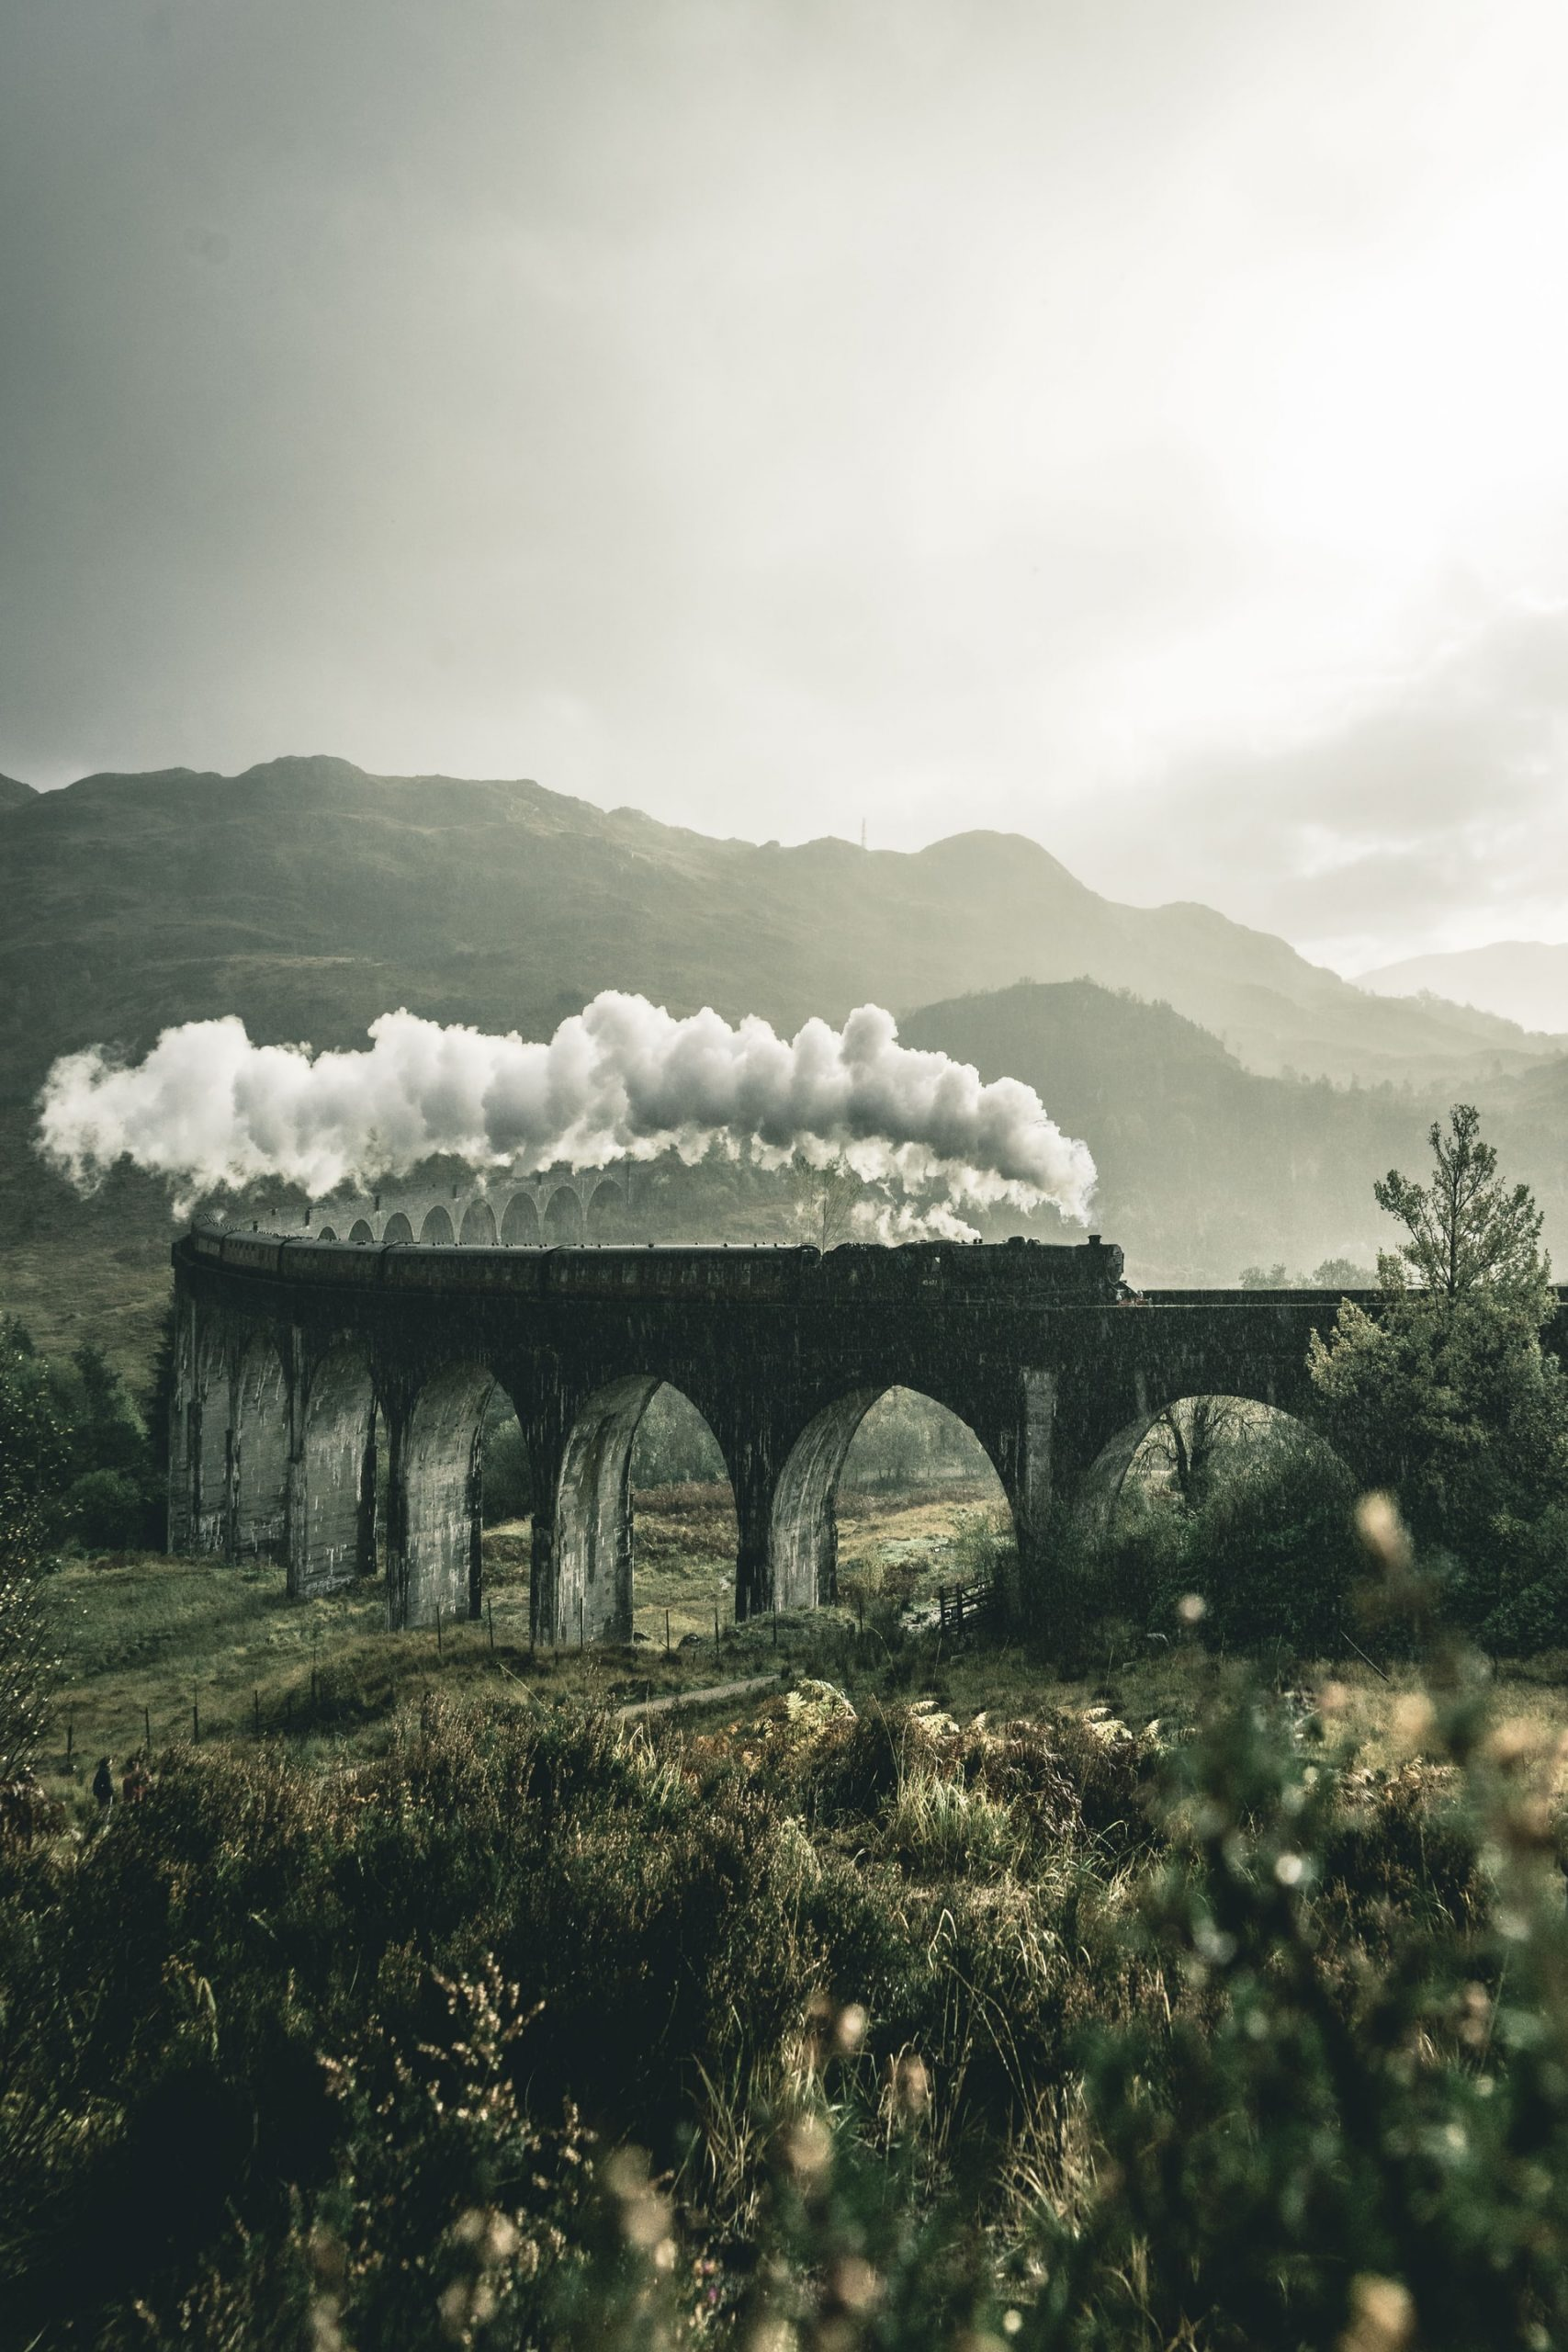 rail bridges